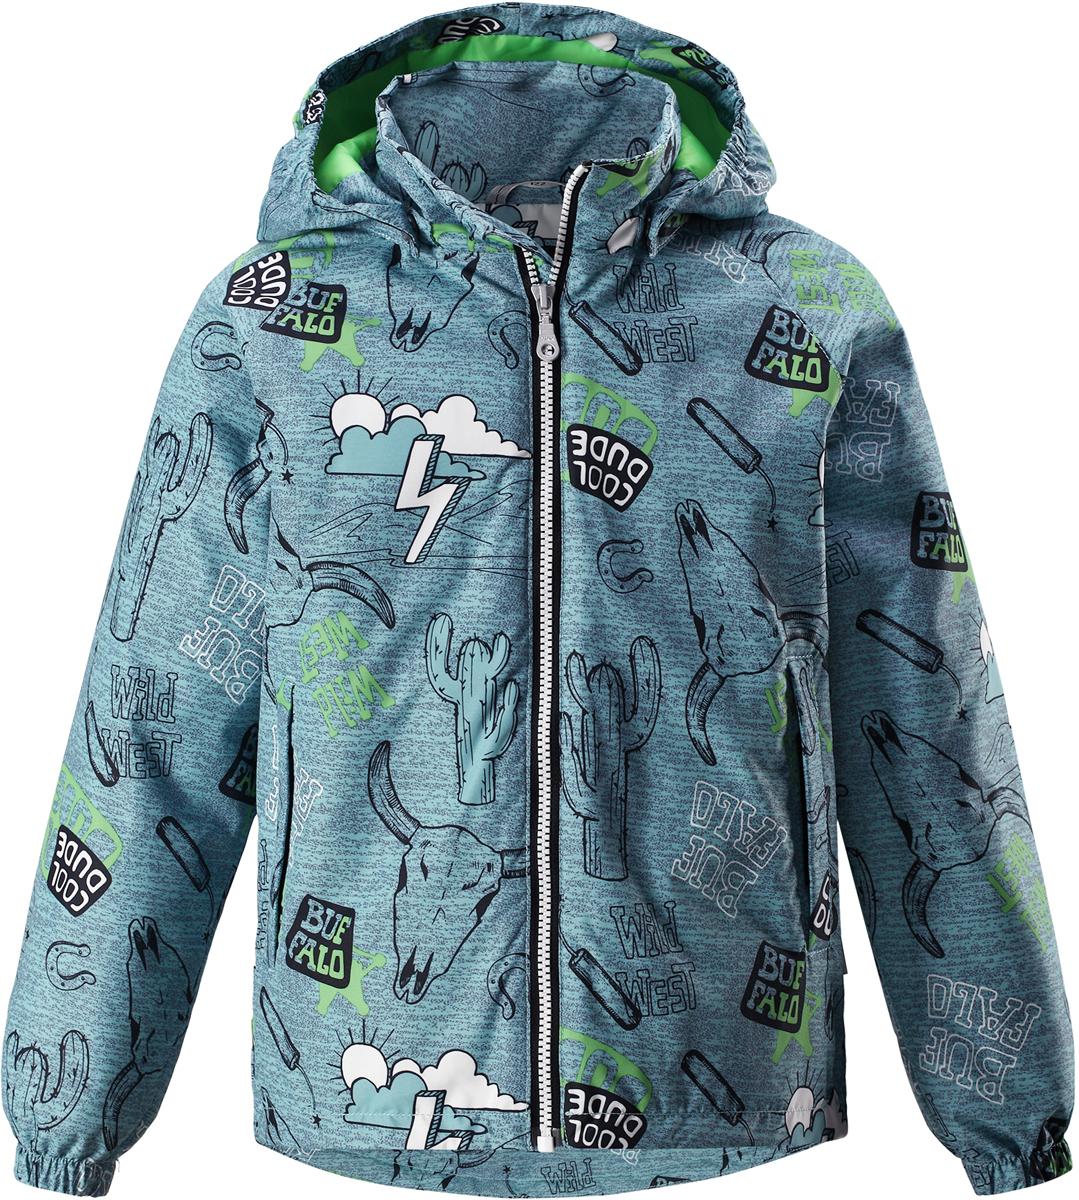 Куртка для мальчика Lassie, цвет: зеленый. 721725R8271. Размер 110721725R8271Детская куртка Lassie идеально подойдет для ребенка в холодное время года. Куртка изготовлена из водоотталкивающей и ветрозащитной ткани. Материал отличается высокой устойчивостью к трению, благодаря специальной обработке полиуретаном поверхность изделия отталкивает грязь и воду, что облегчает поддержание аккуратного вида одежды, дышащее покрытие с изнаночной части не раздражает даже самую нежную и чувствительную кожу ребенка, обеспечивая ему наибольший комфорт. Куртка застегивается на пластиковую застежку-молнию с защитой подбородка, благодаря чему ее легко надевать и снимать. Края рукавов дополнены неширокими эластичными манжетами. Также модель дополнена светоотражающими элементами для безопасности в темное время суток. Все швы проклеены, не пропускают влагу и ветер.